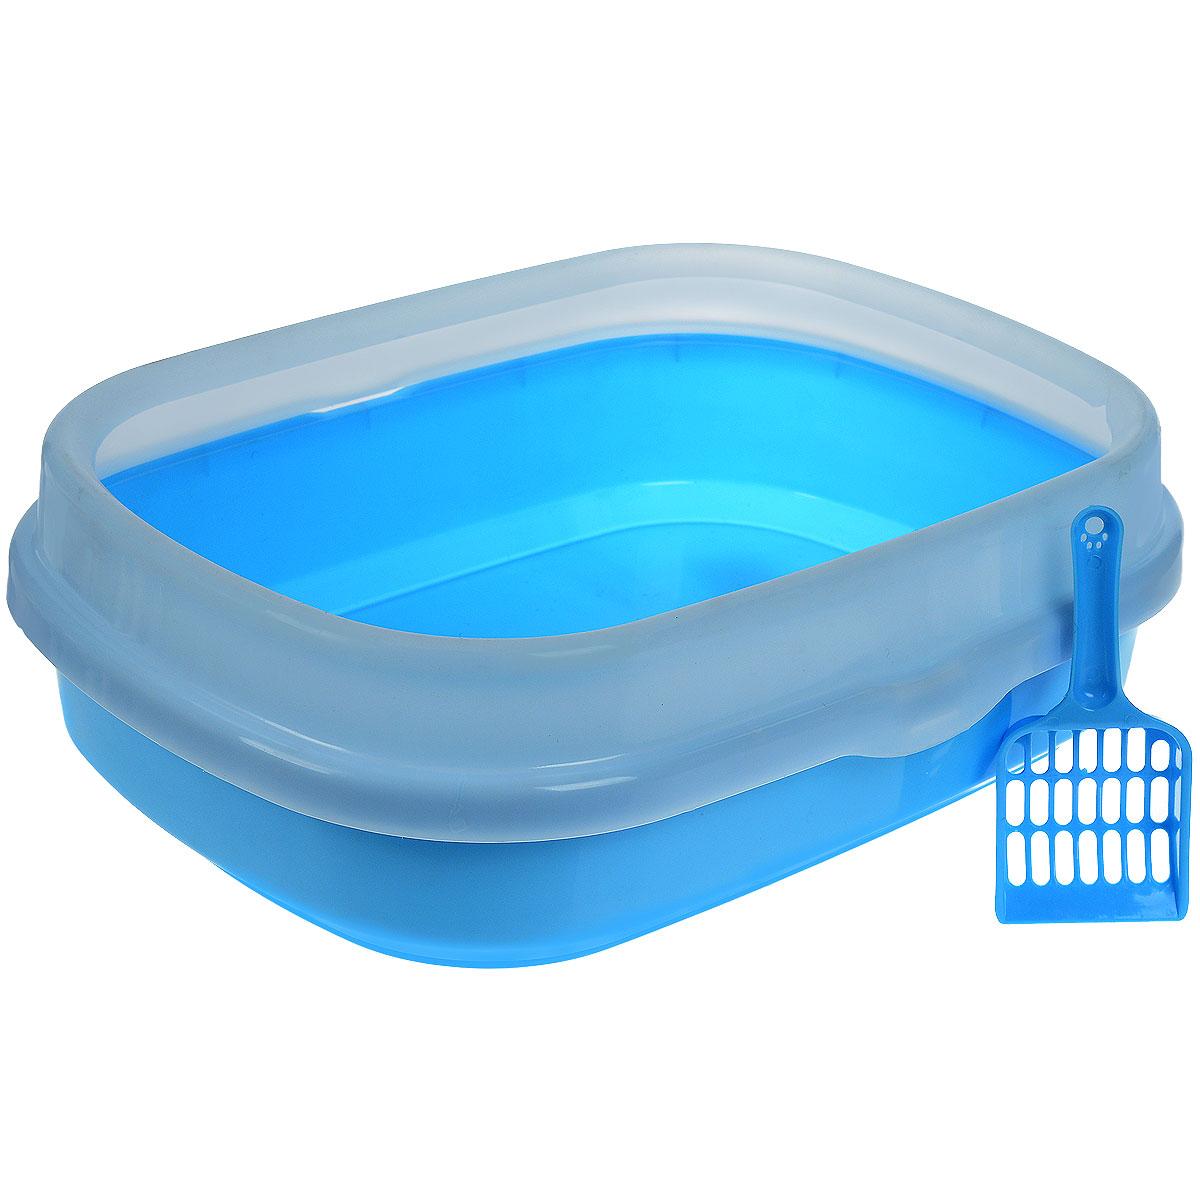 """V.I.Pet Туалет для кошек """"Галакси"""", с бортом, с совком, цвет: голубой, белый, 54 см х 42 см х 17 см P192_голубой"""